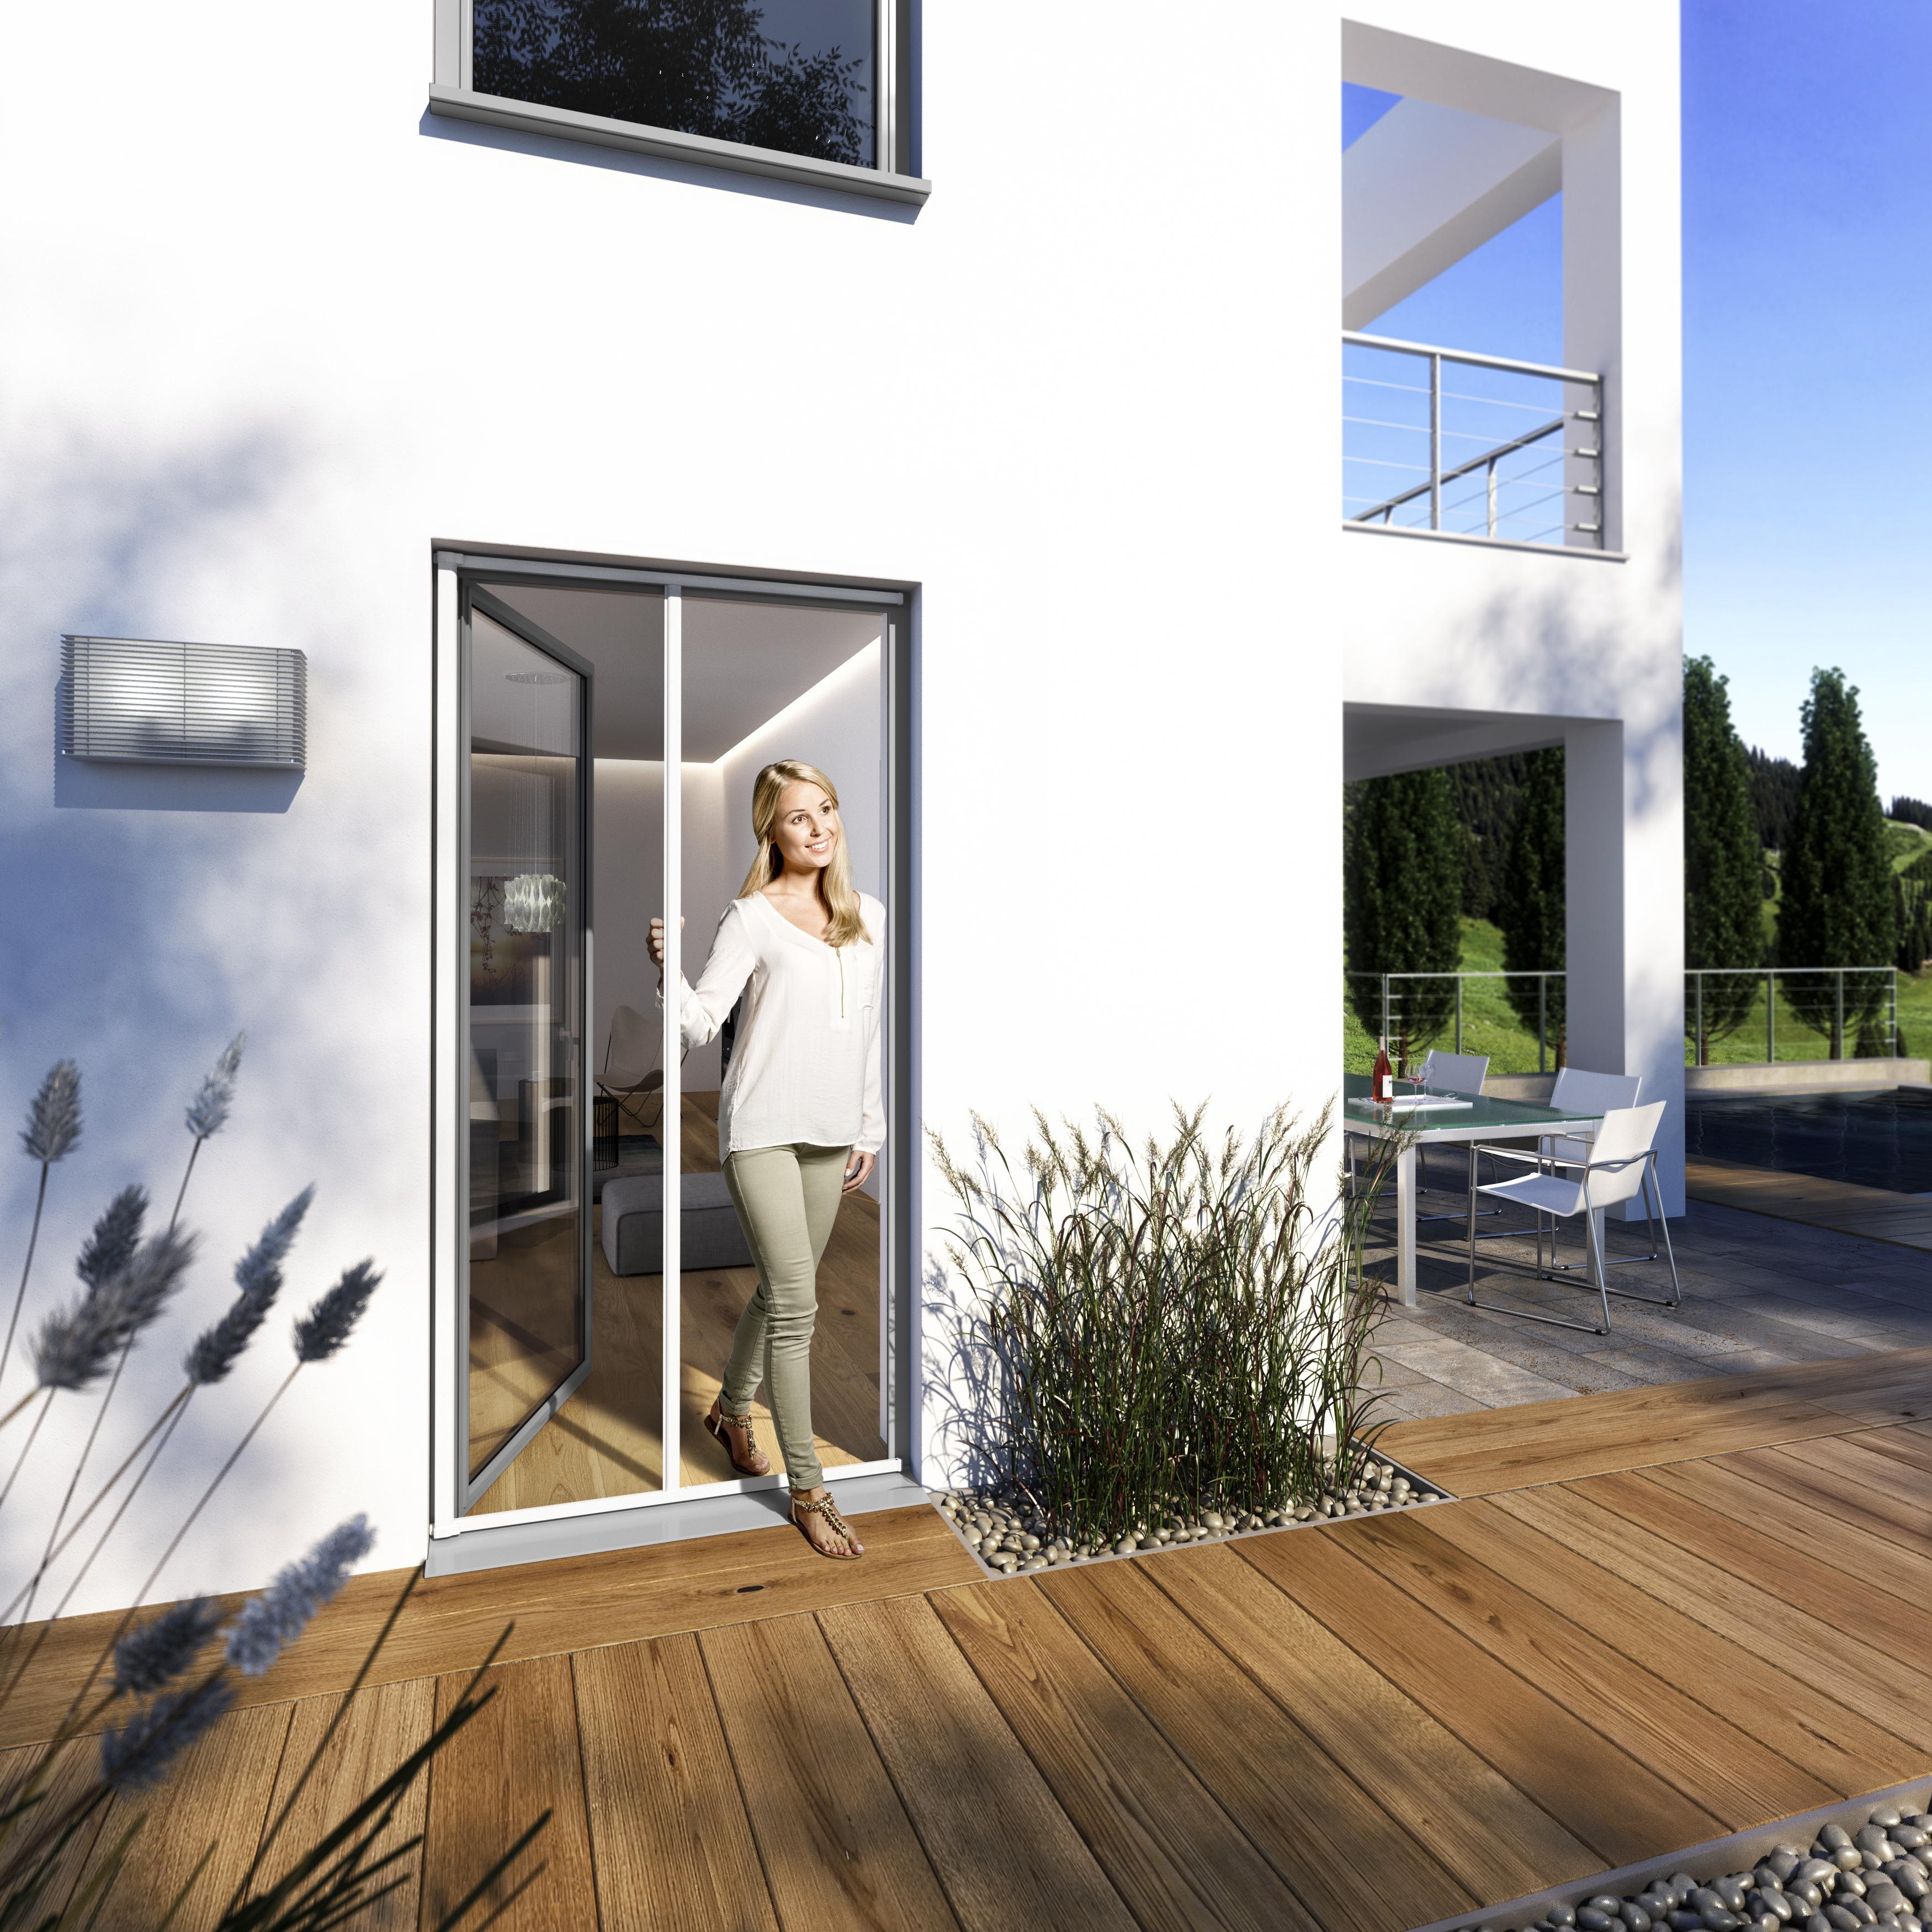 insektenschutzrolle f r t ren in wei oder anthrazitgrau 03894 teso insektenschutzsysteme. Black Bedroom Furniture Sets. Home Design Ideas